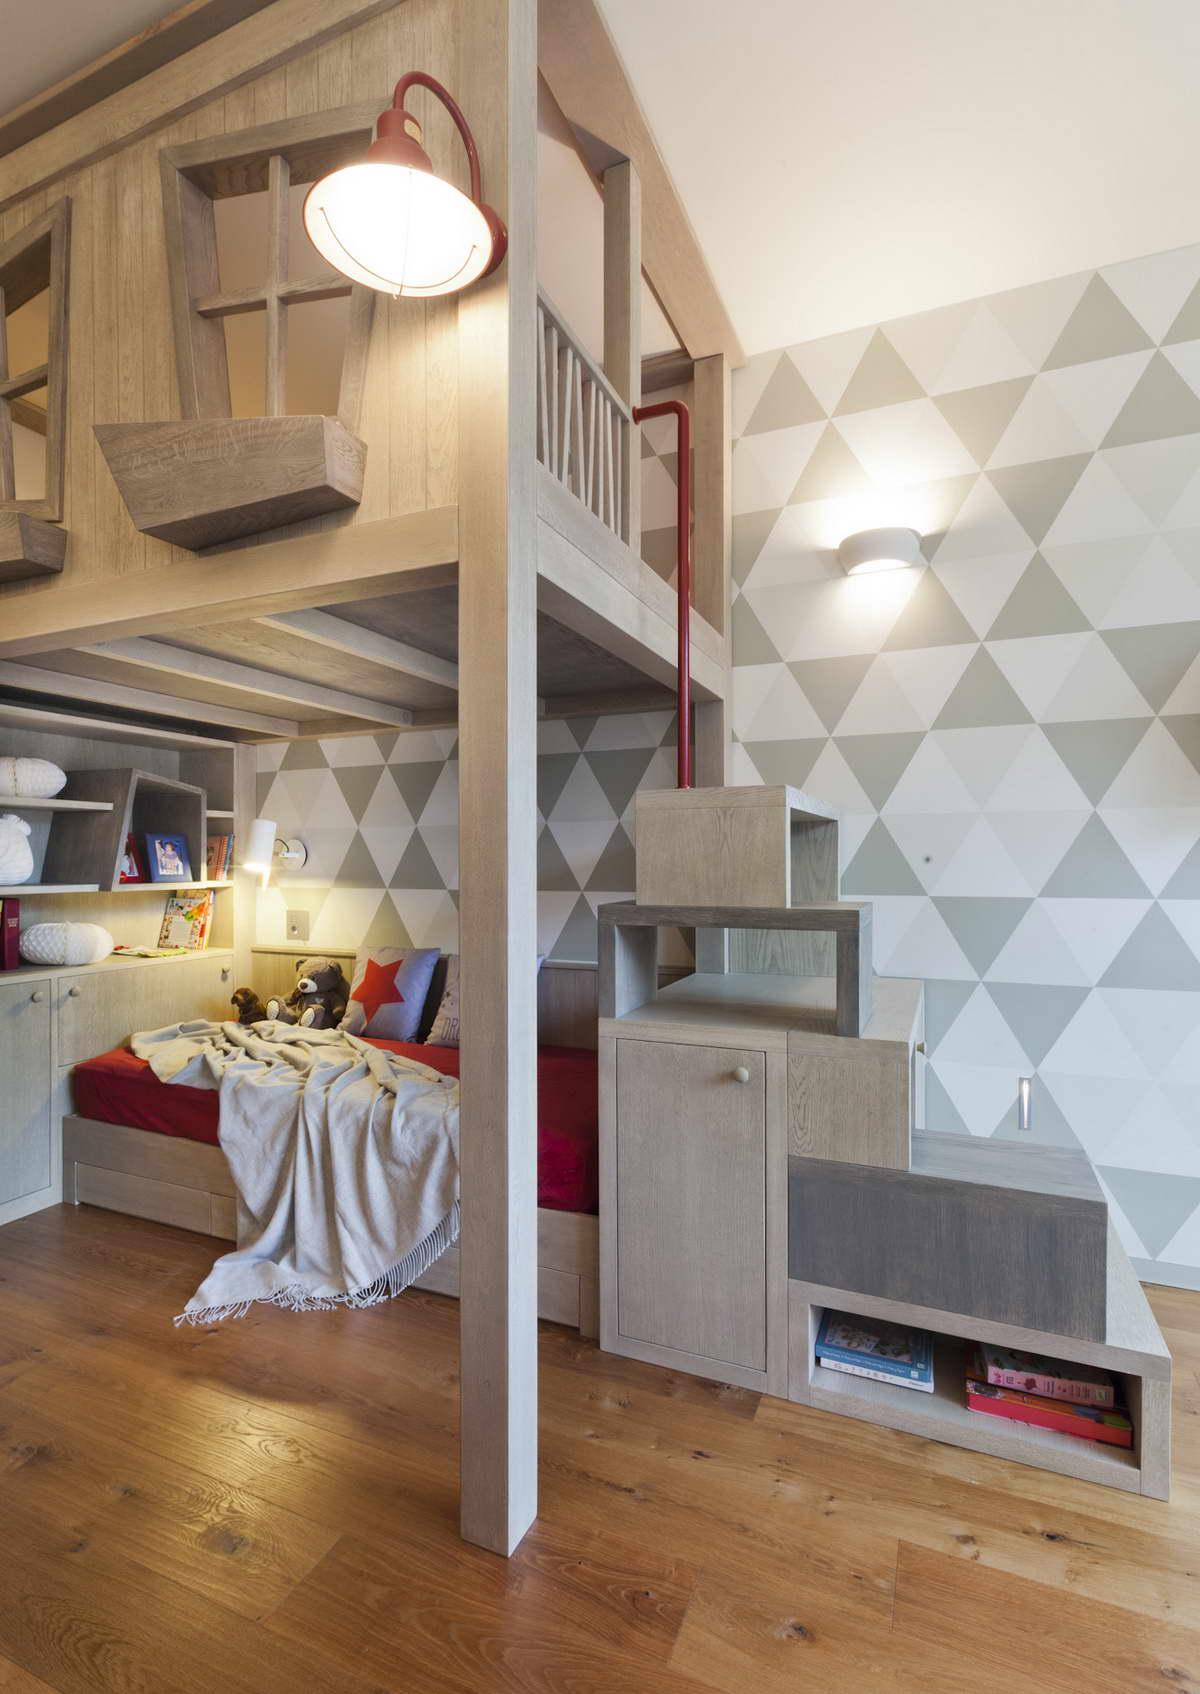 díjnyertes lakás kortárás és modern design - gyerekszoba